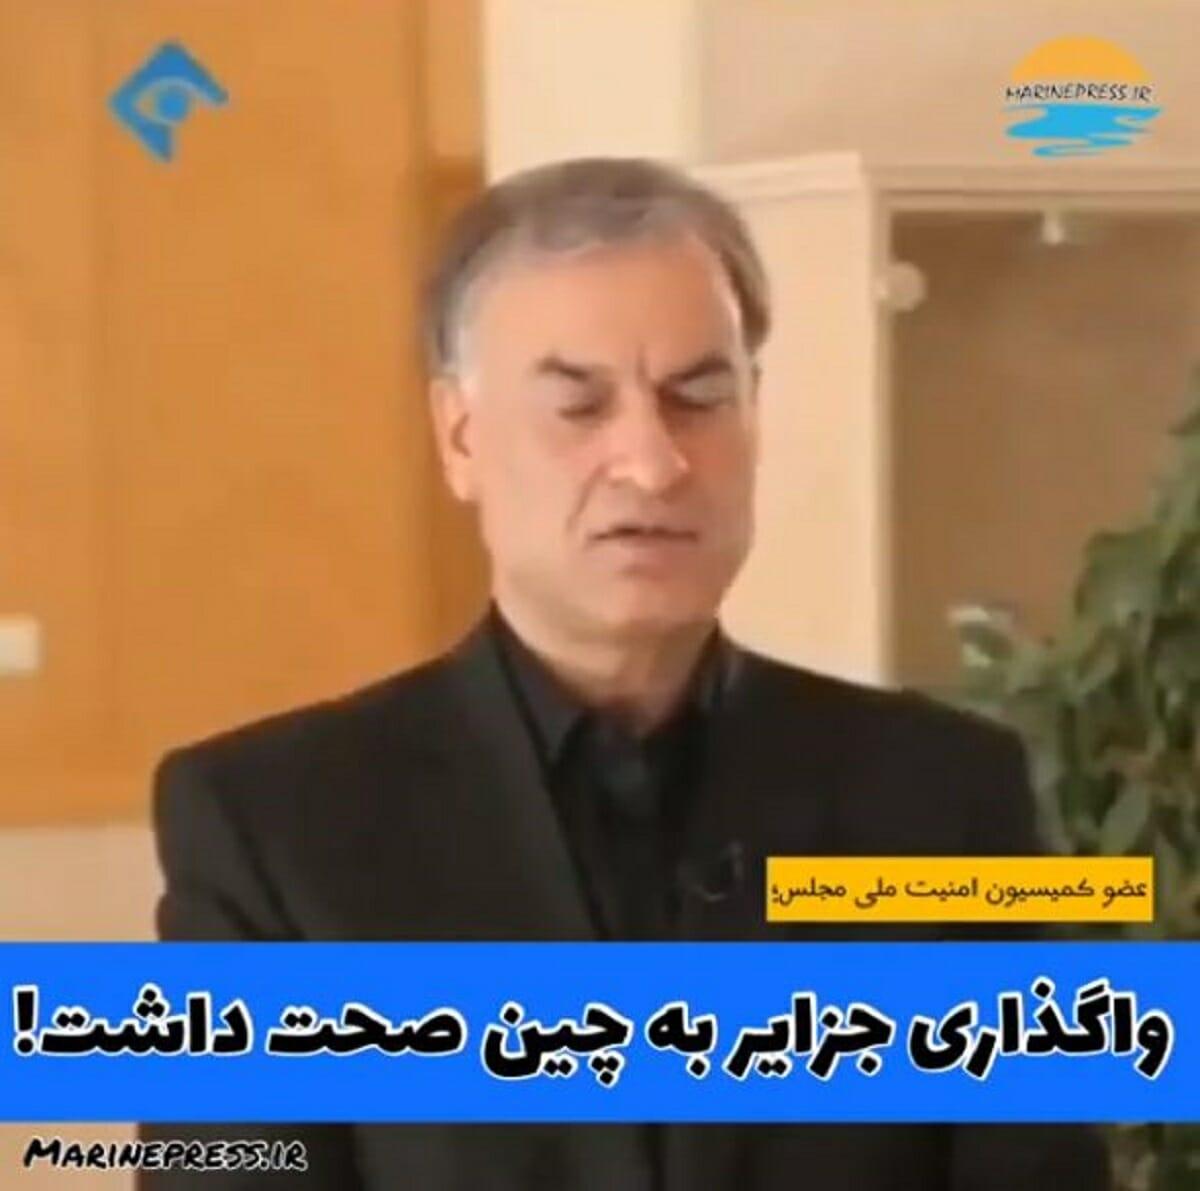 واگذاری جزایر ایرانی به چین صحت داشت!